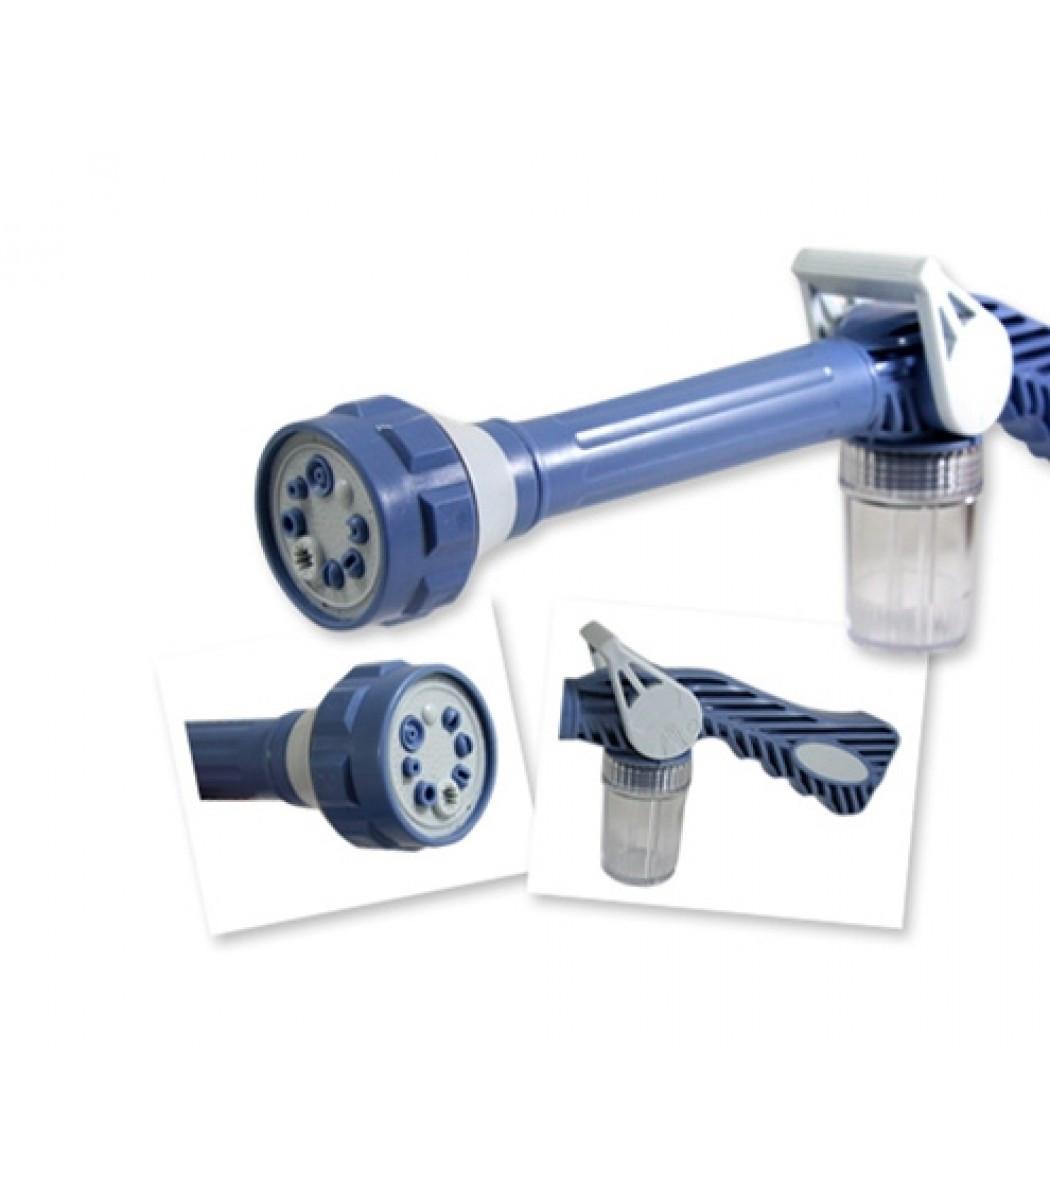 Мультифункциональный водомет Ez Jet Water Cannon водомет купить водомет